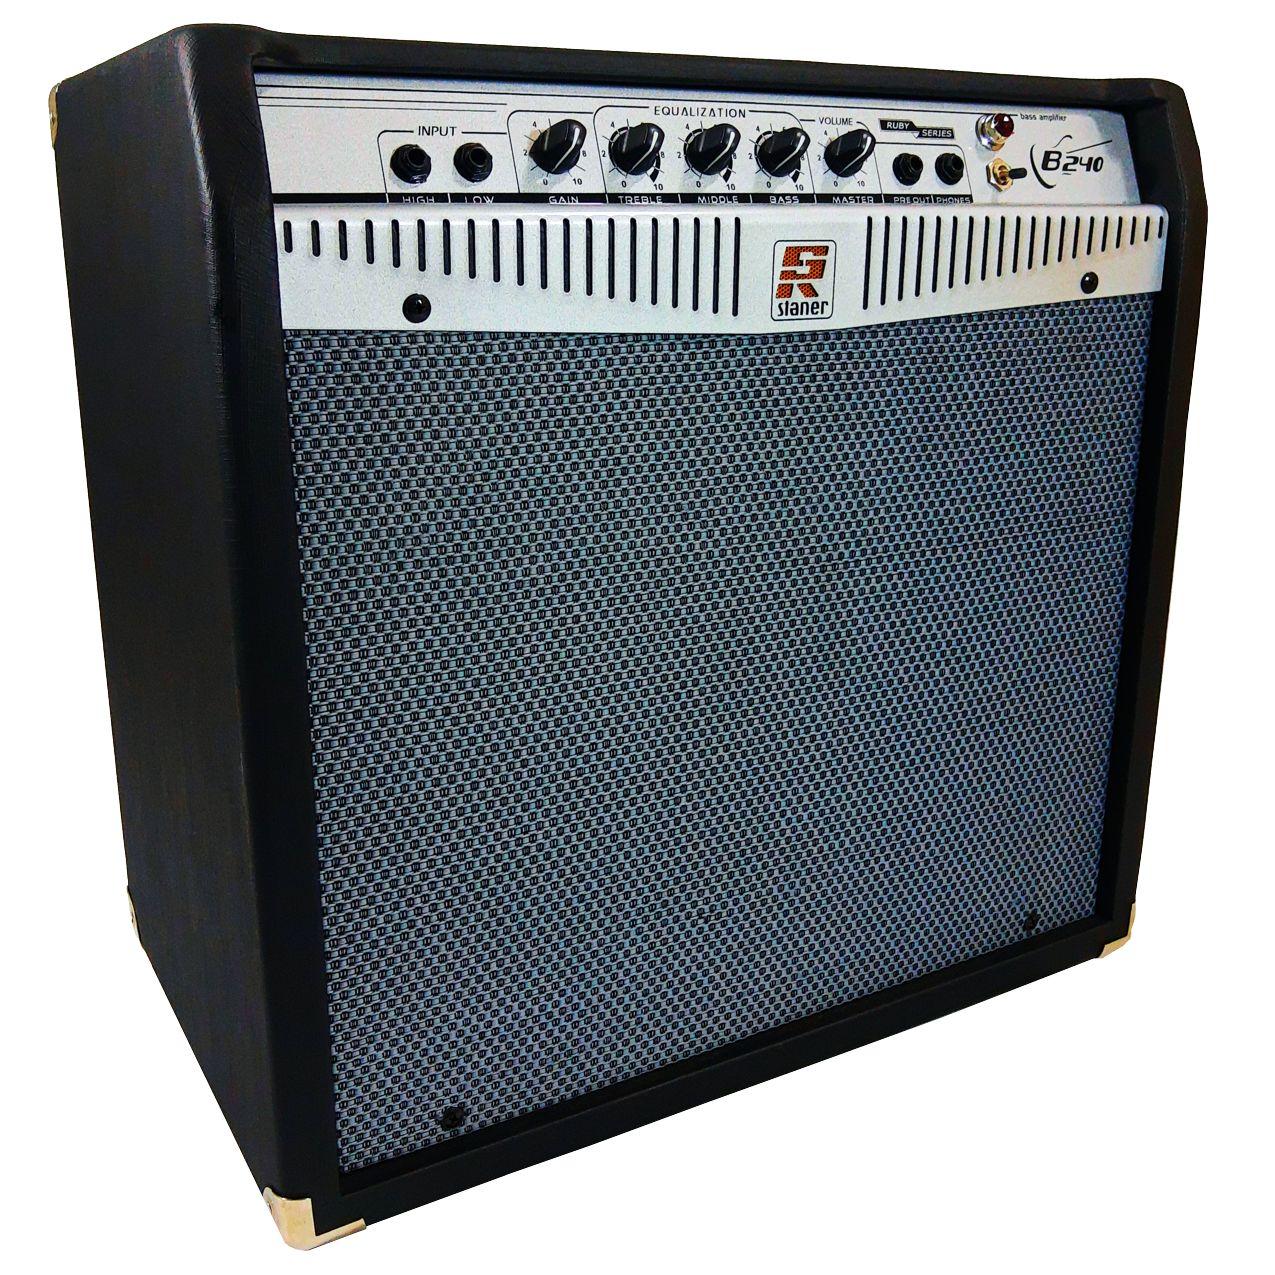 Amplificador Para Contra Baixo Staner B240 140w Rms